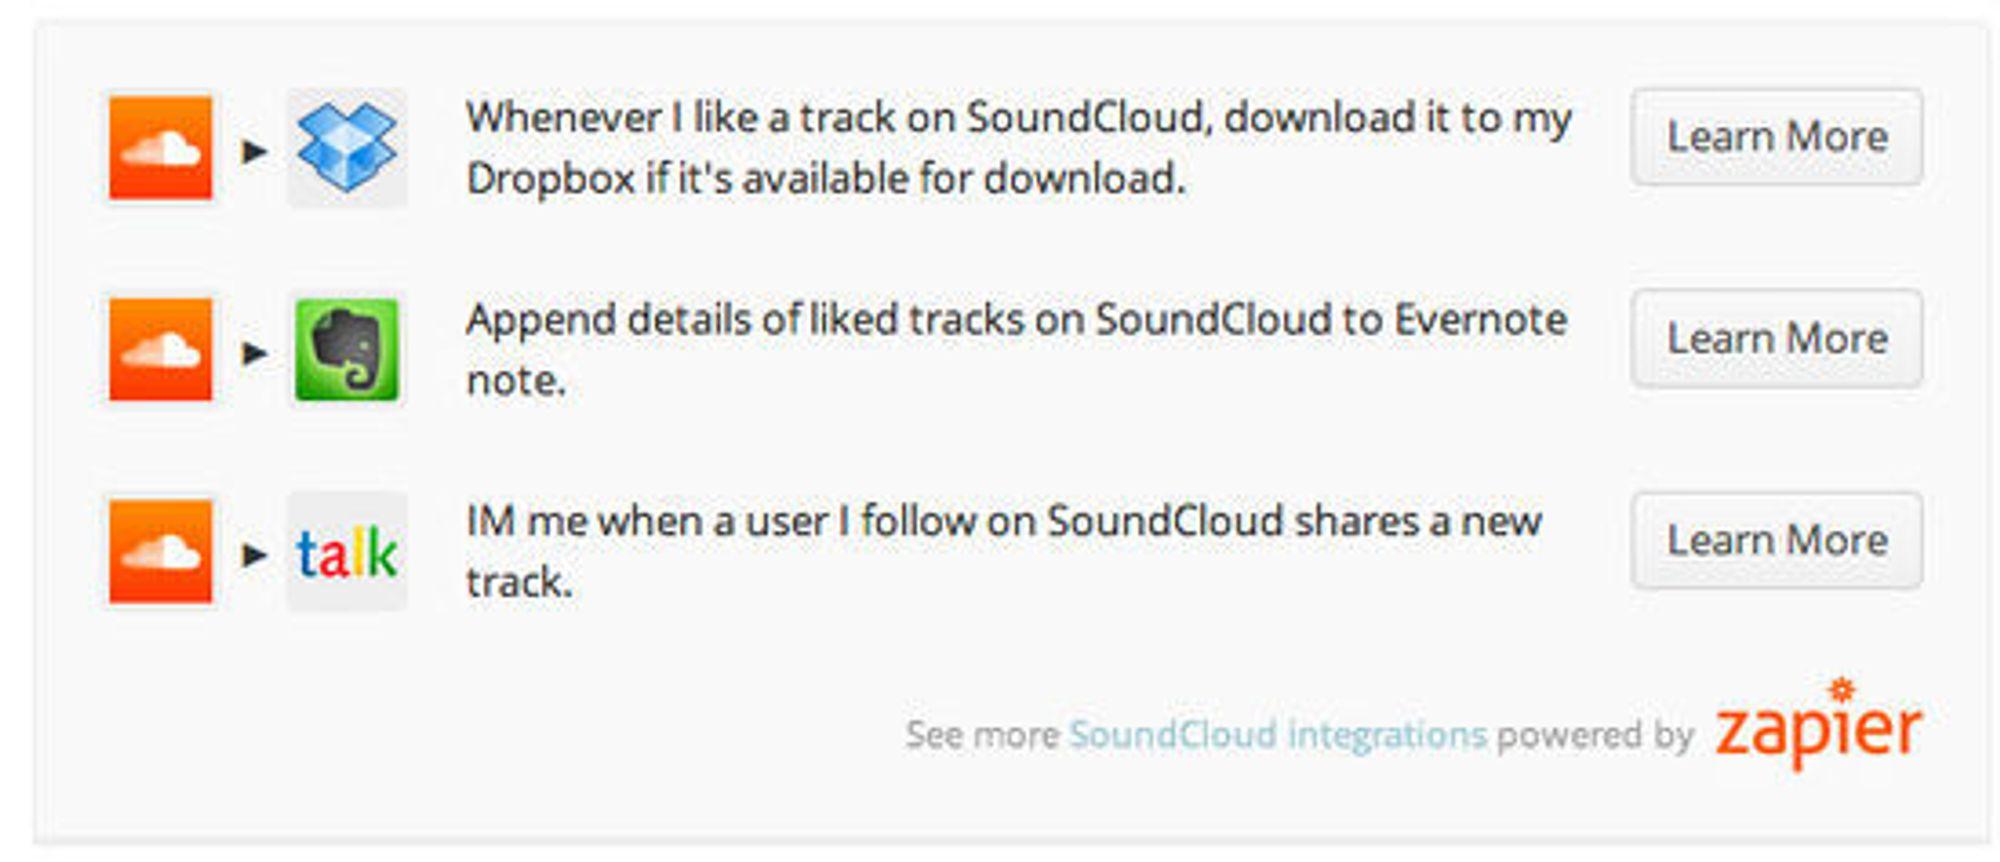 Eksempler på hvordan oppskrifter kan få data fra Soundcloud inn i andre tjenester.